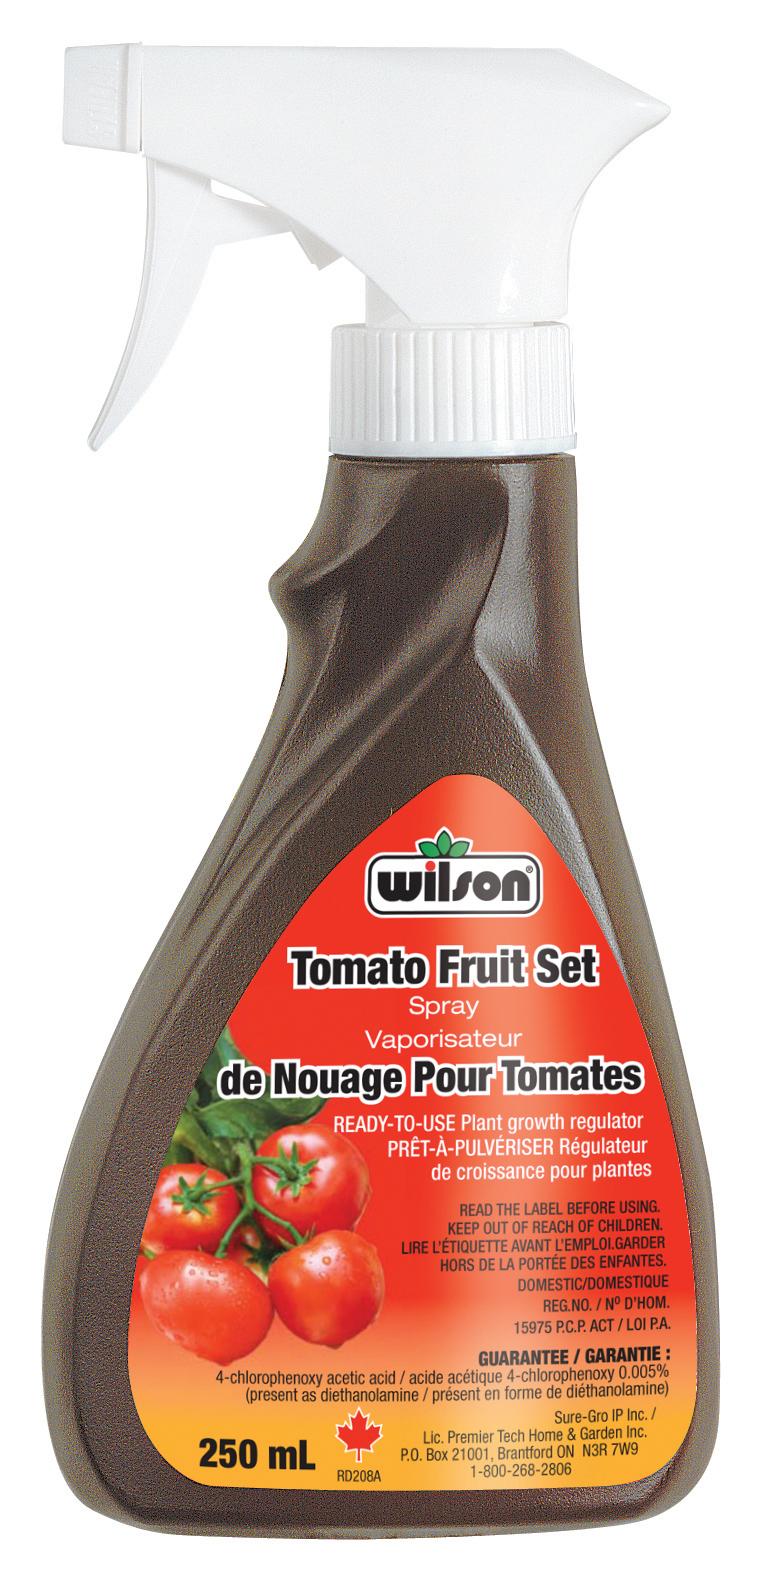 1368870 Wilson Tomato Fruit Set 250ml Hi Res